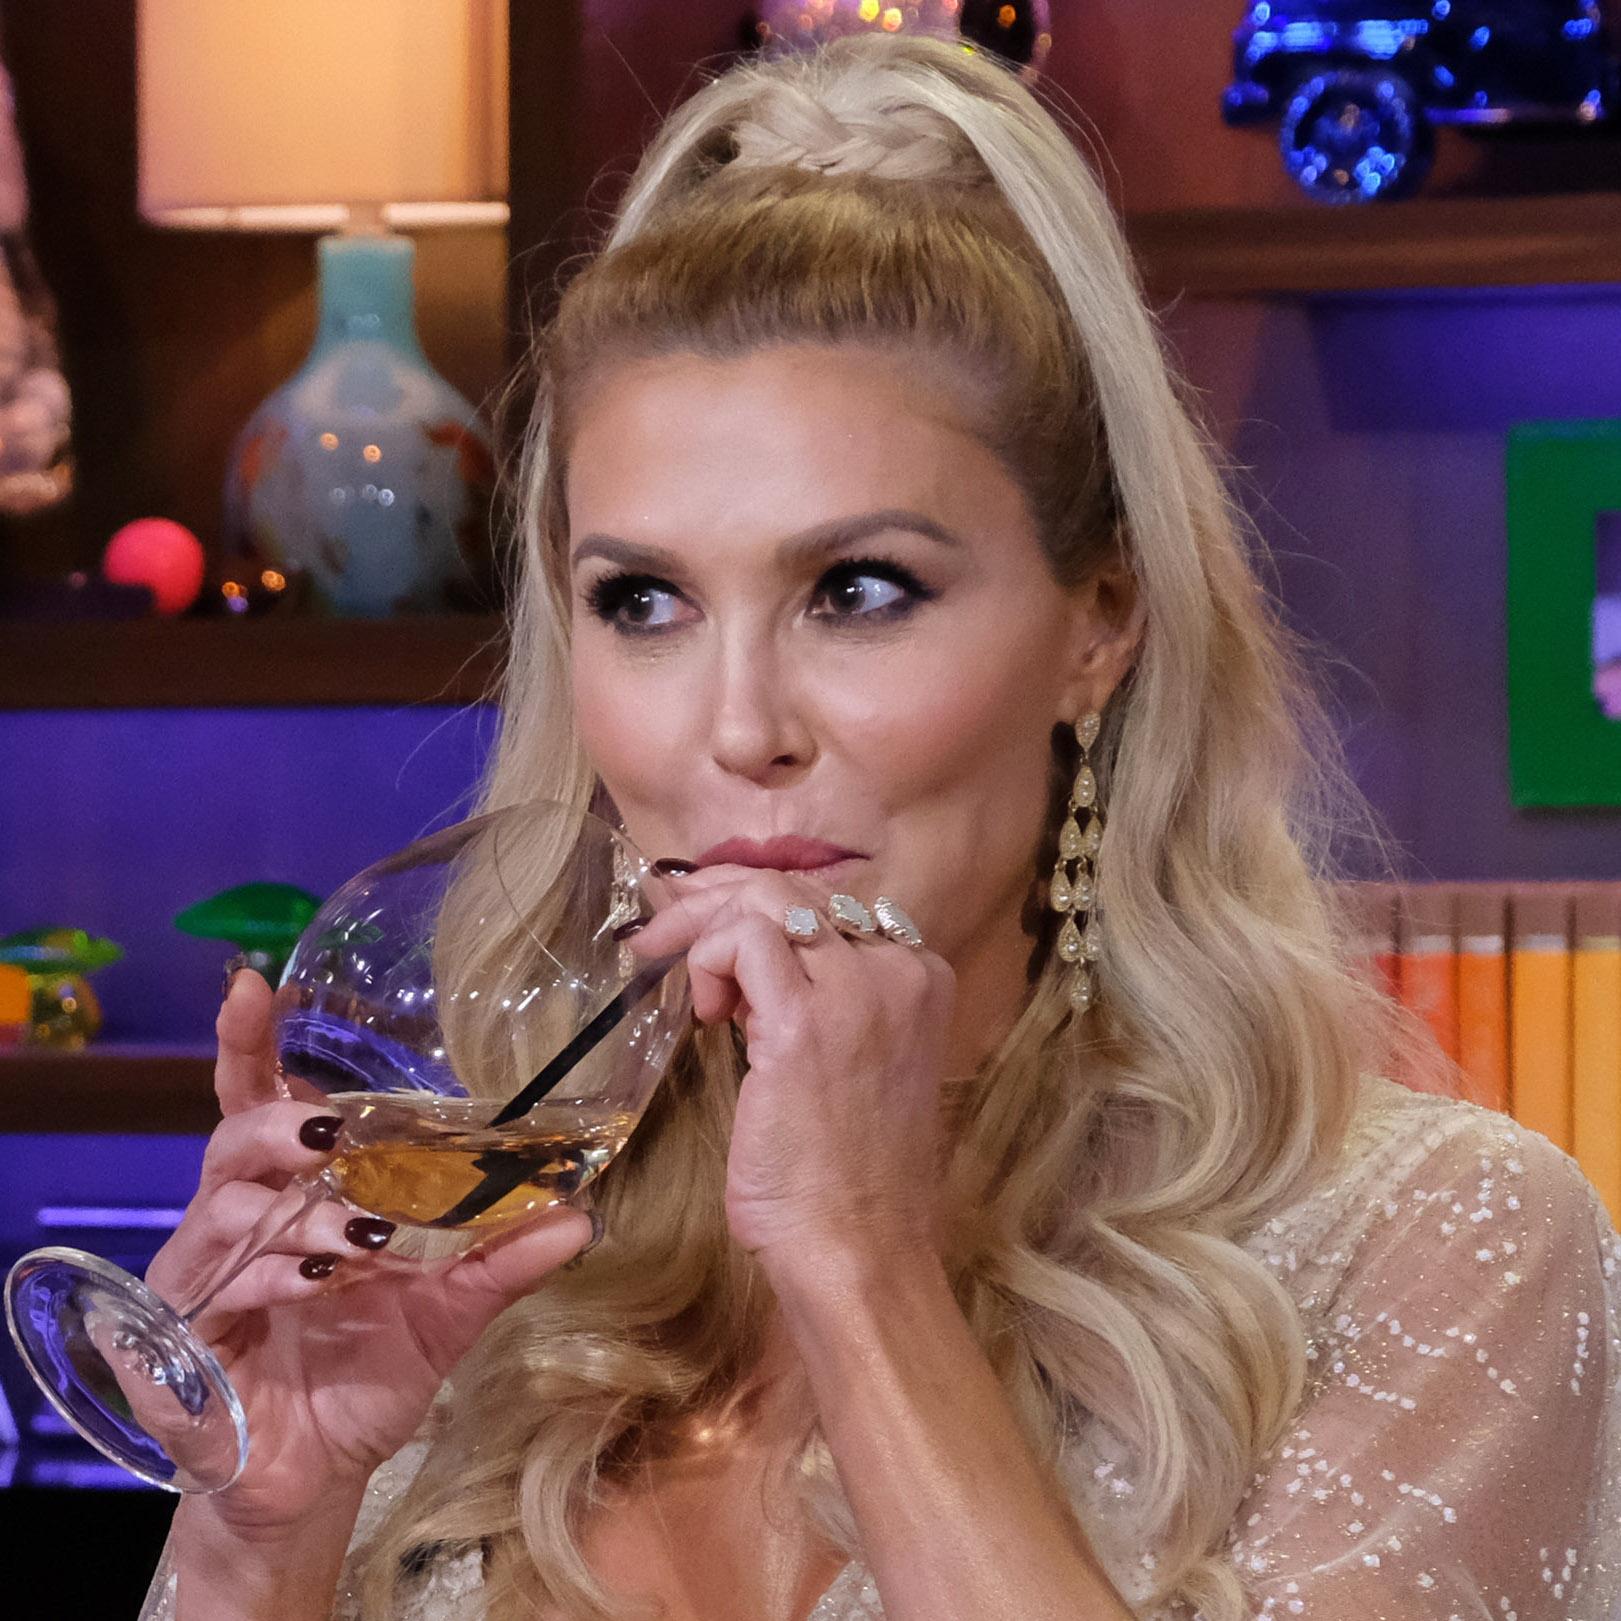 Brandi Glanville takes a drink